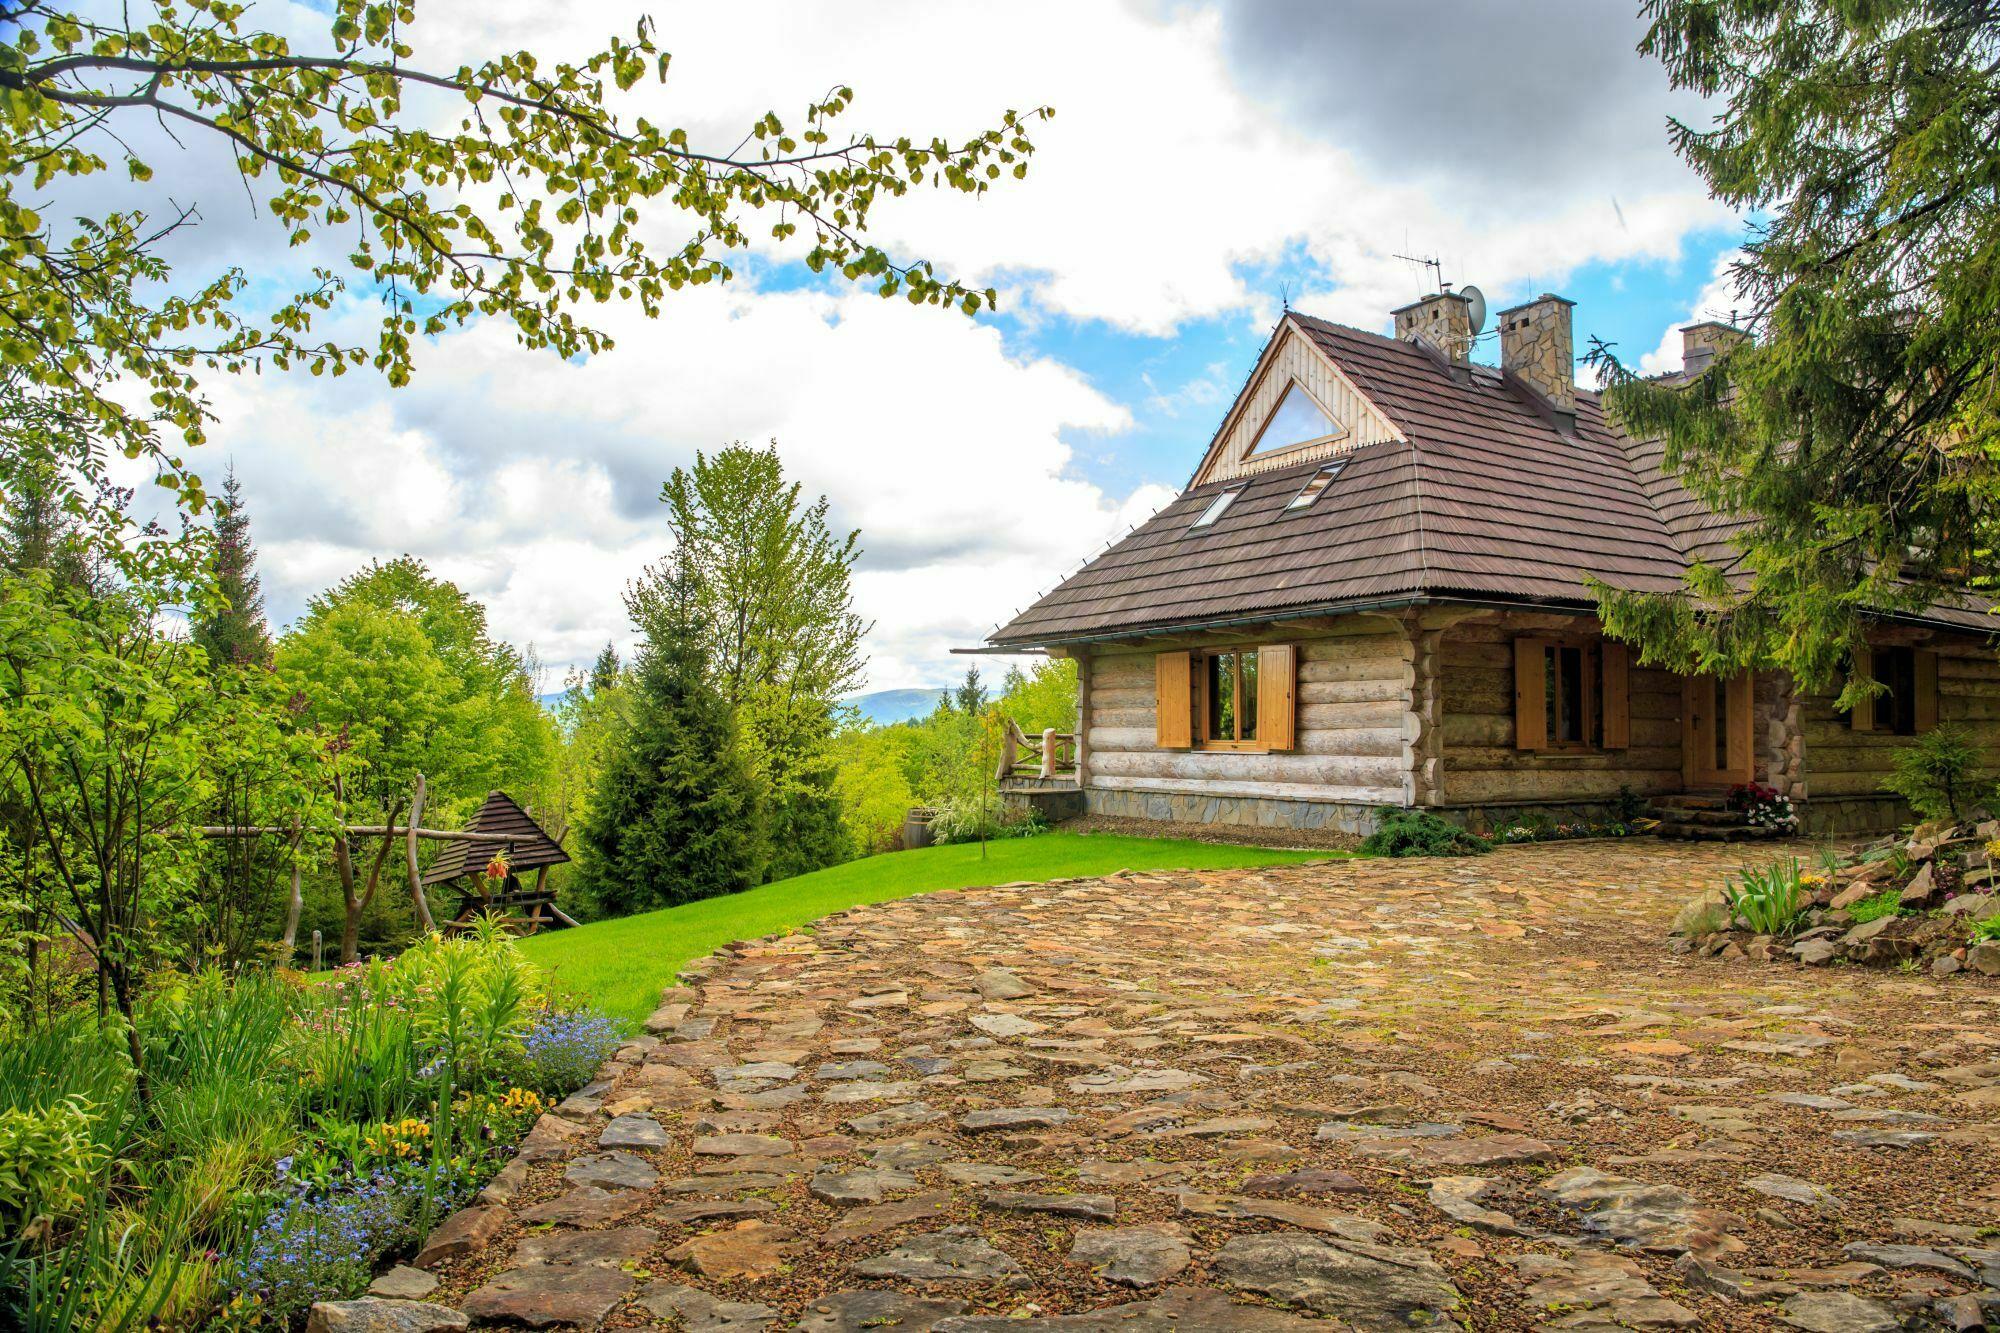 Dom z bala to częsty widok w Bieszczadach / fot. shutterstock.com